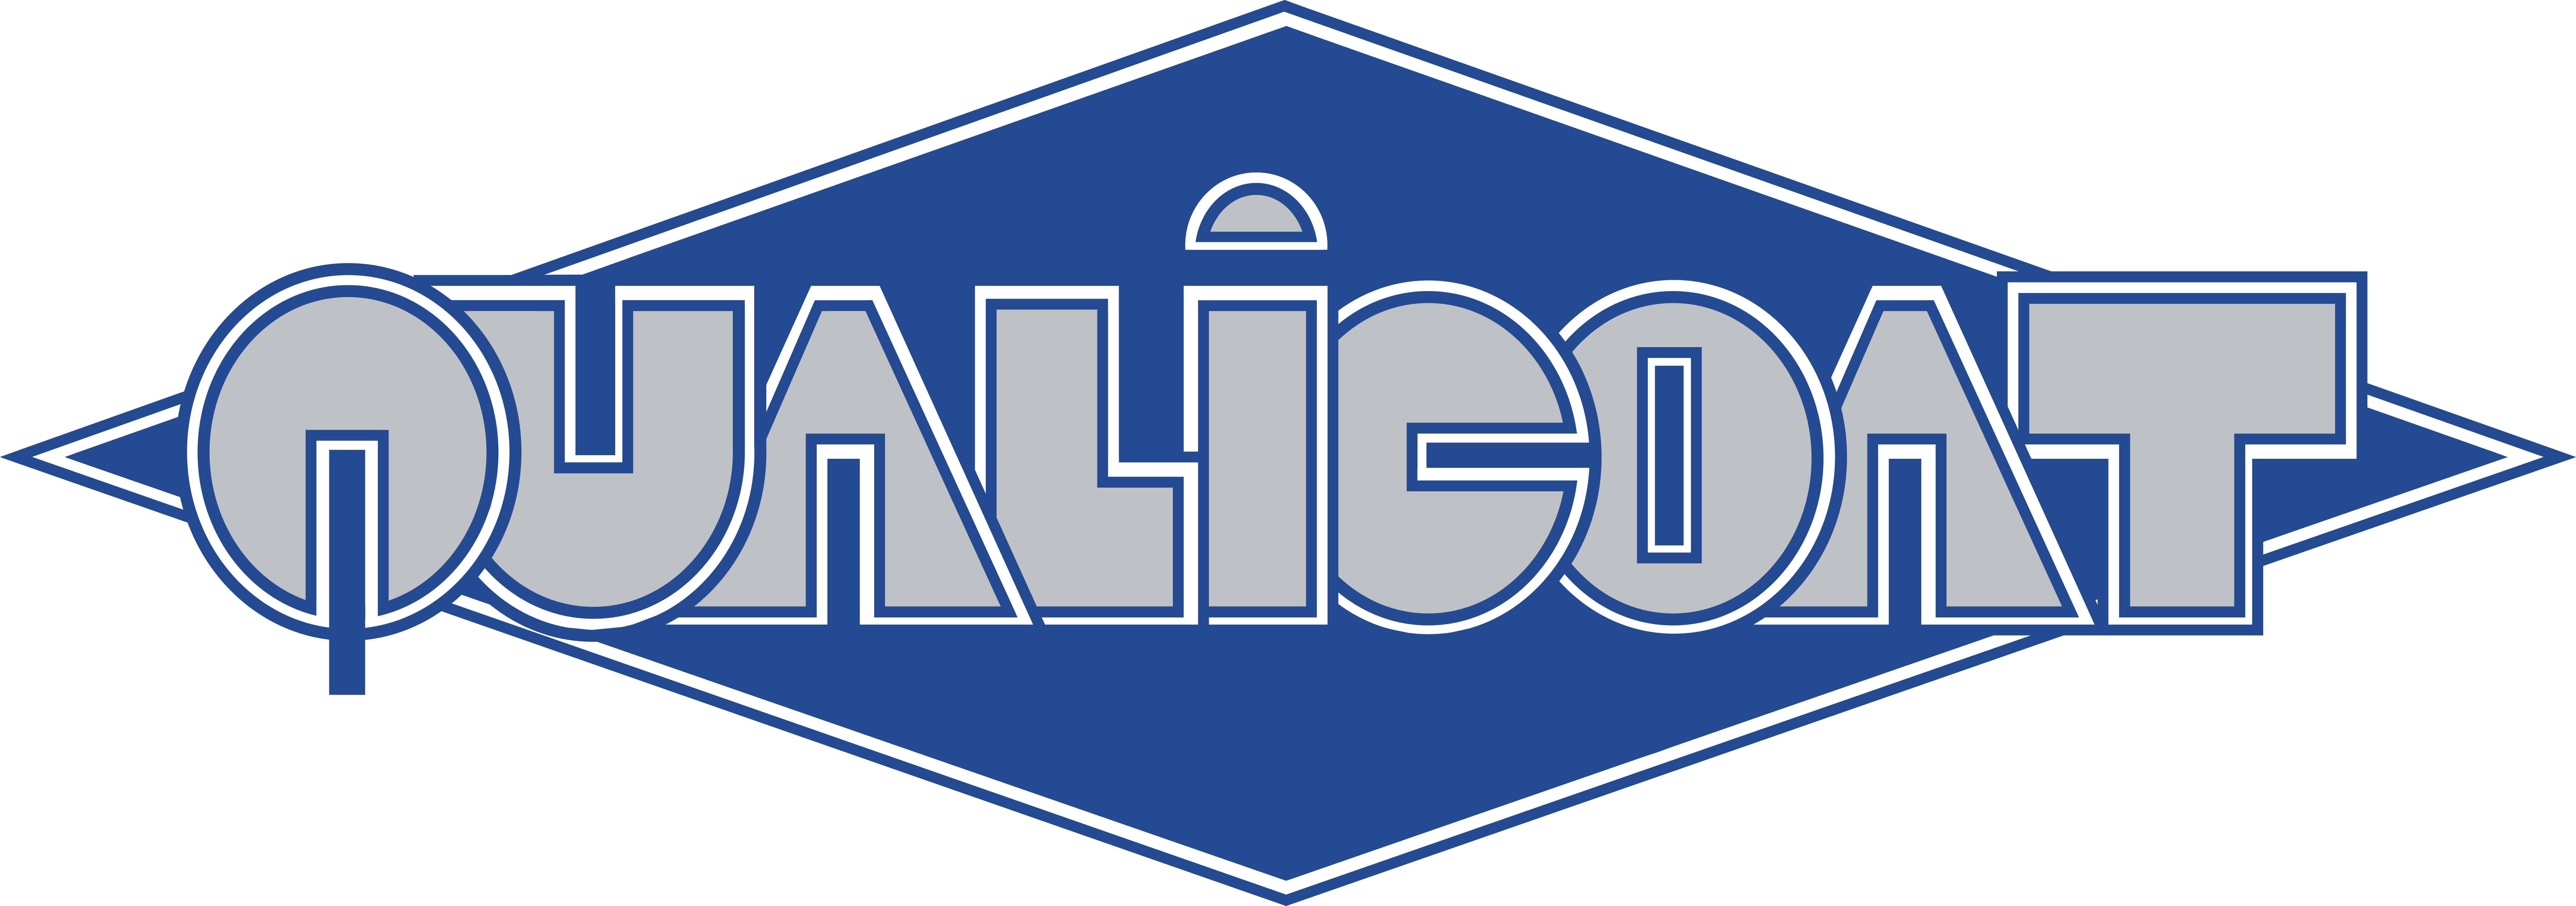 Qualicoat-Logo_flat